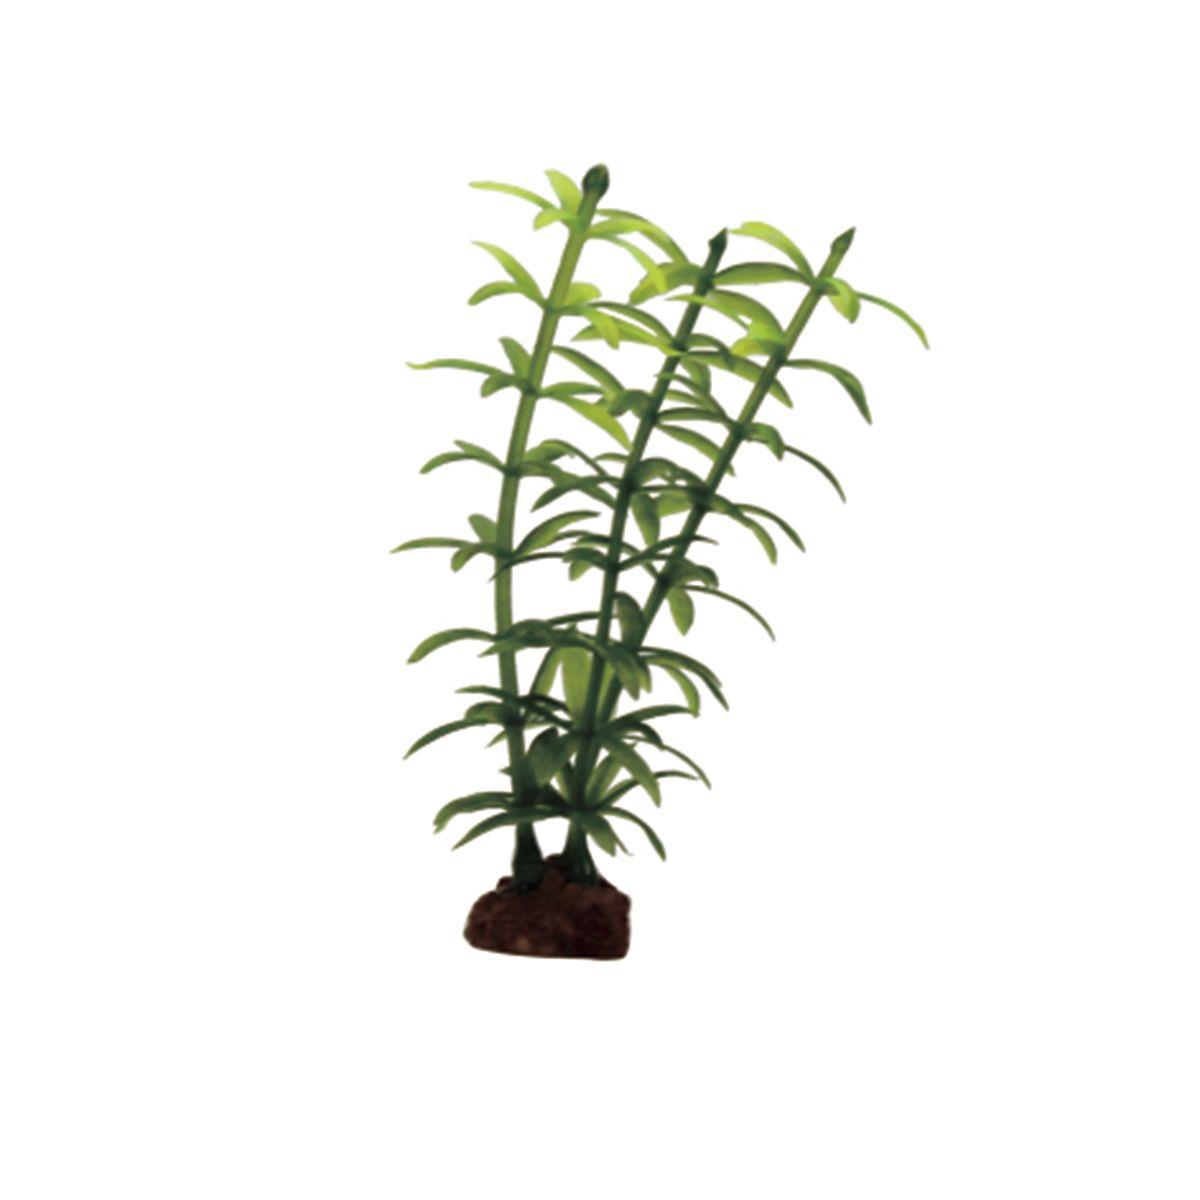 Растение для аквариума ArtUniq Элодея, высота 10 см, 6 шт0120710Композиция из искусственных растений ArtUniq превосходно украсит и оживит аквариум.Растения - это важная часть любой композиции, они помогут вдохнуть жизнь в ландшафт любого аквариума или террариума. А их сходствос природными порадует даже самых взыскательных ценителей.